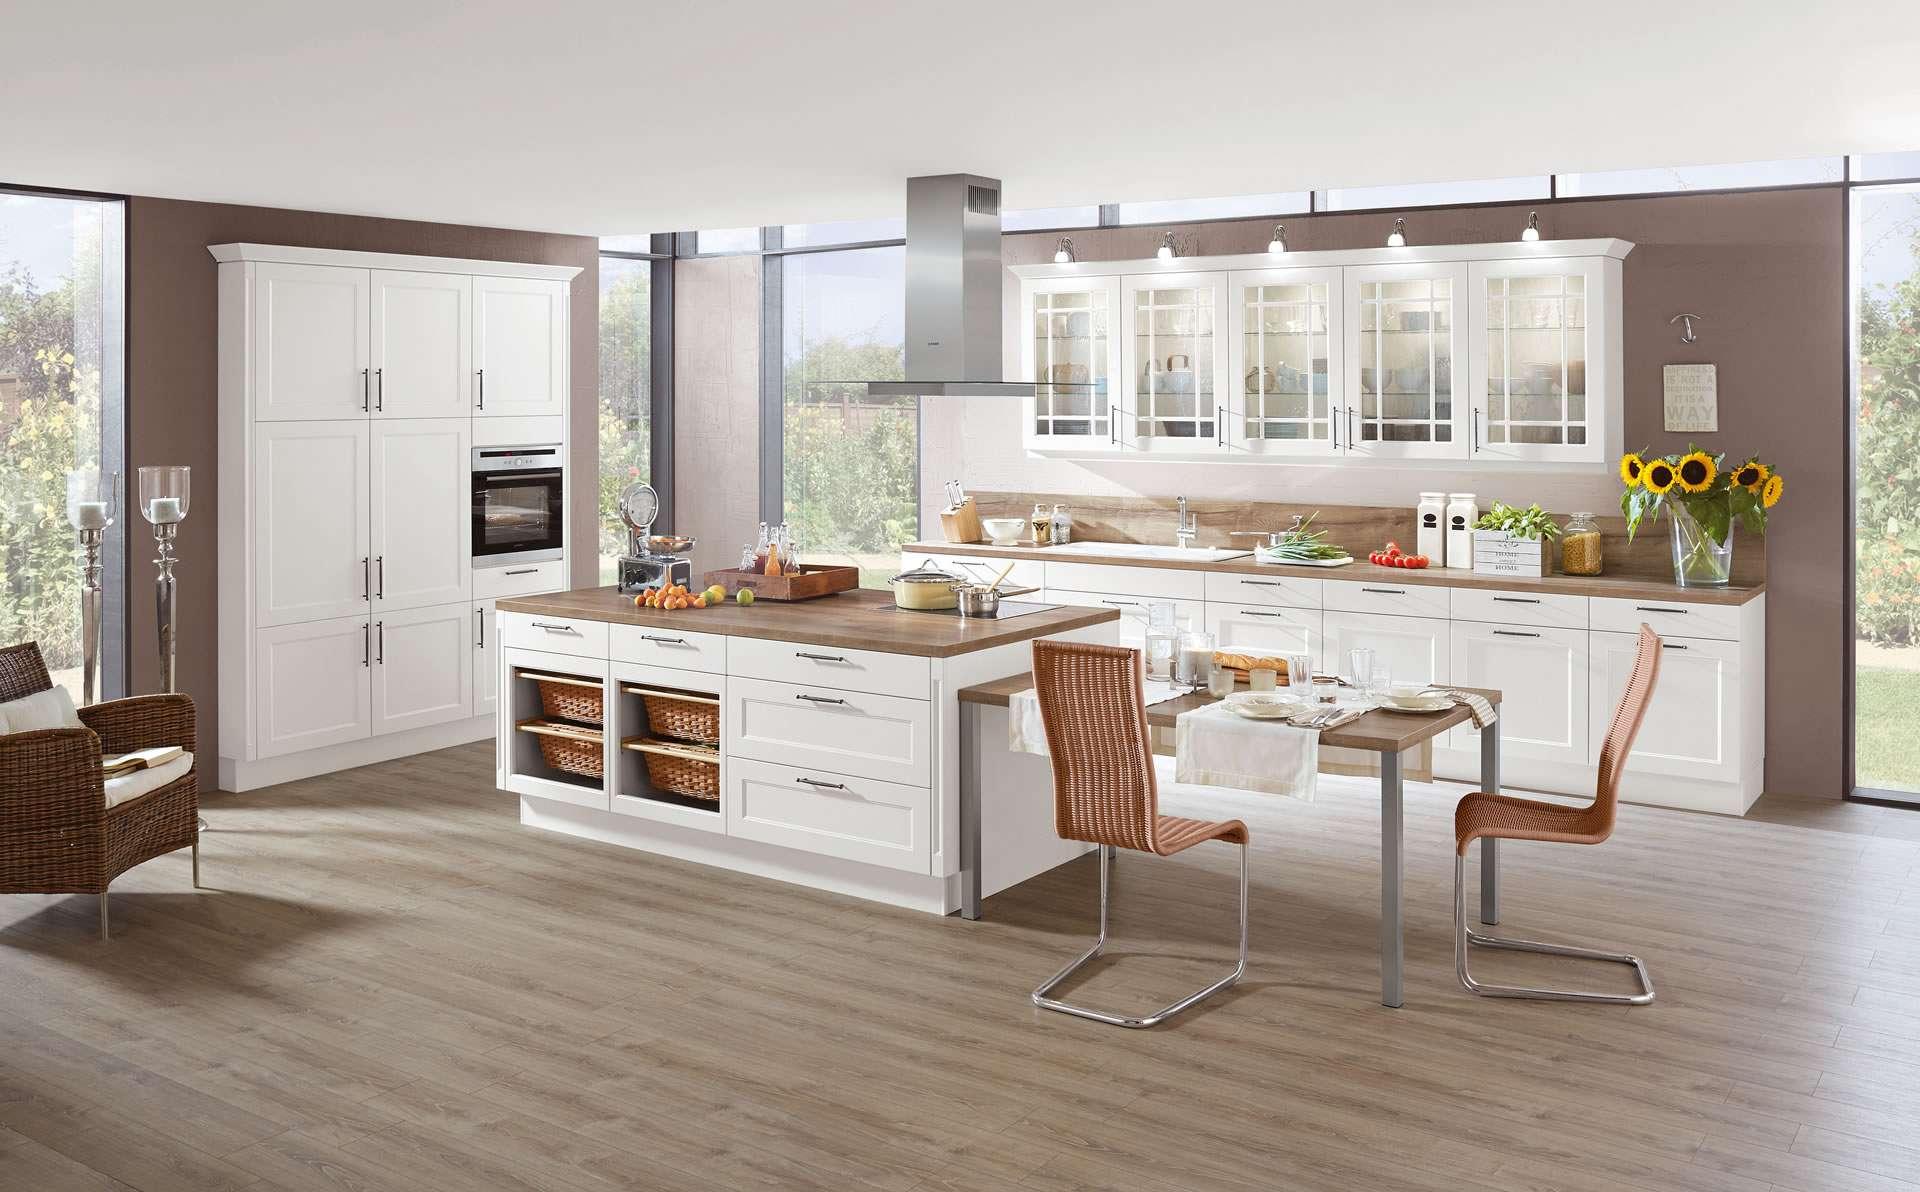 Küchen-Insel mit Sitzgelegenheit